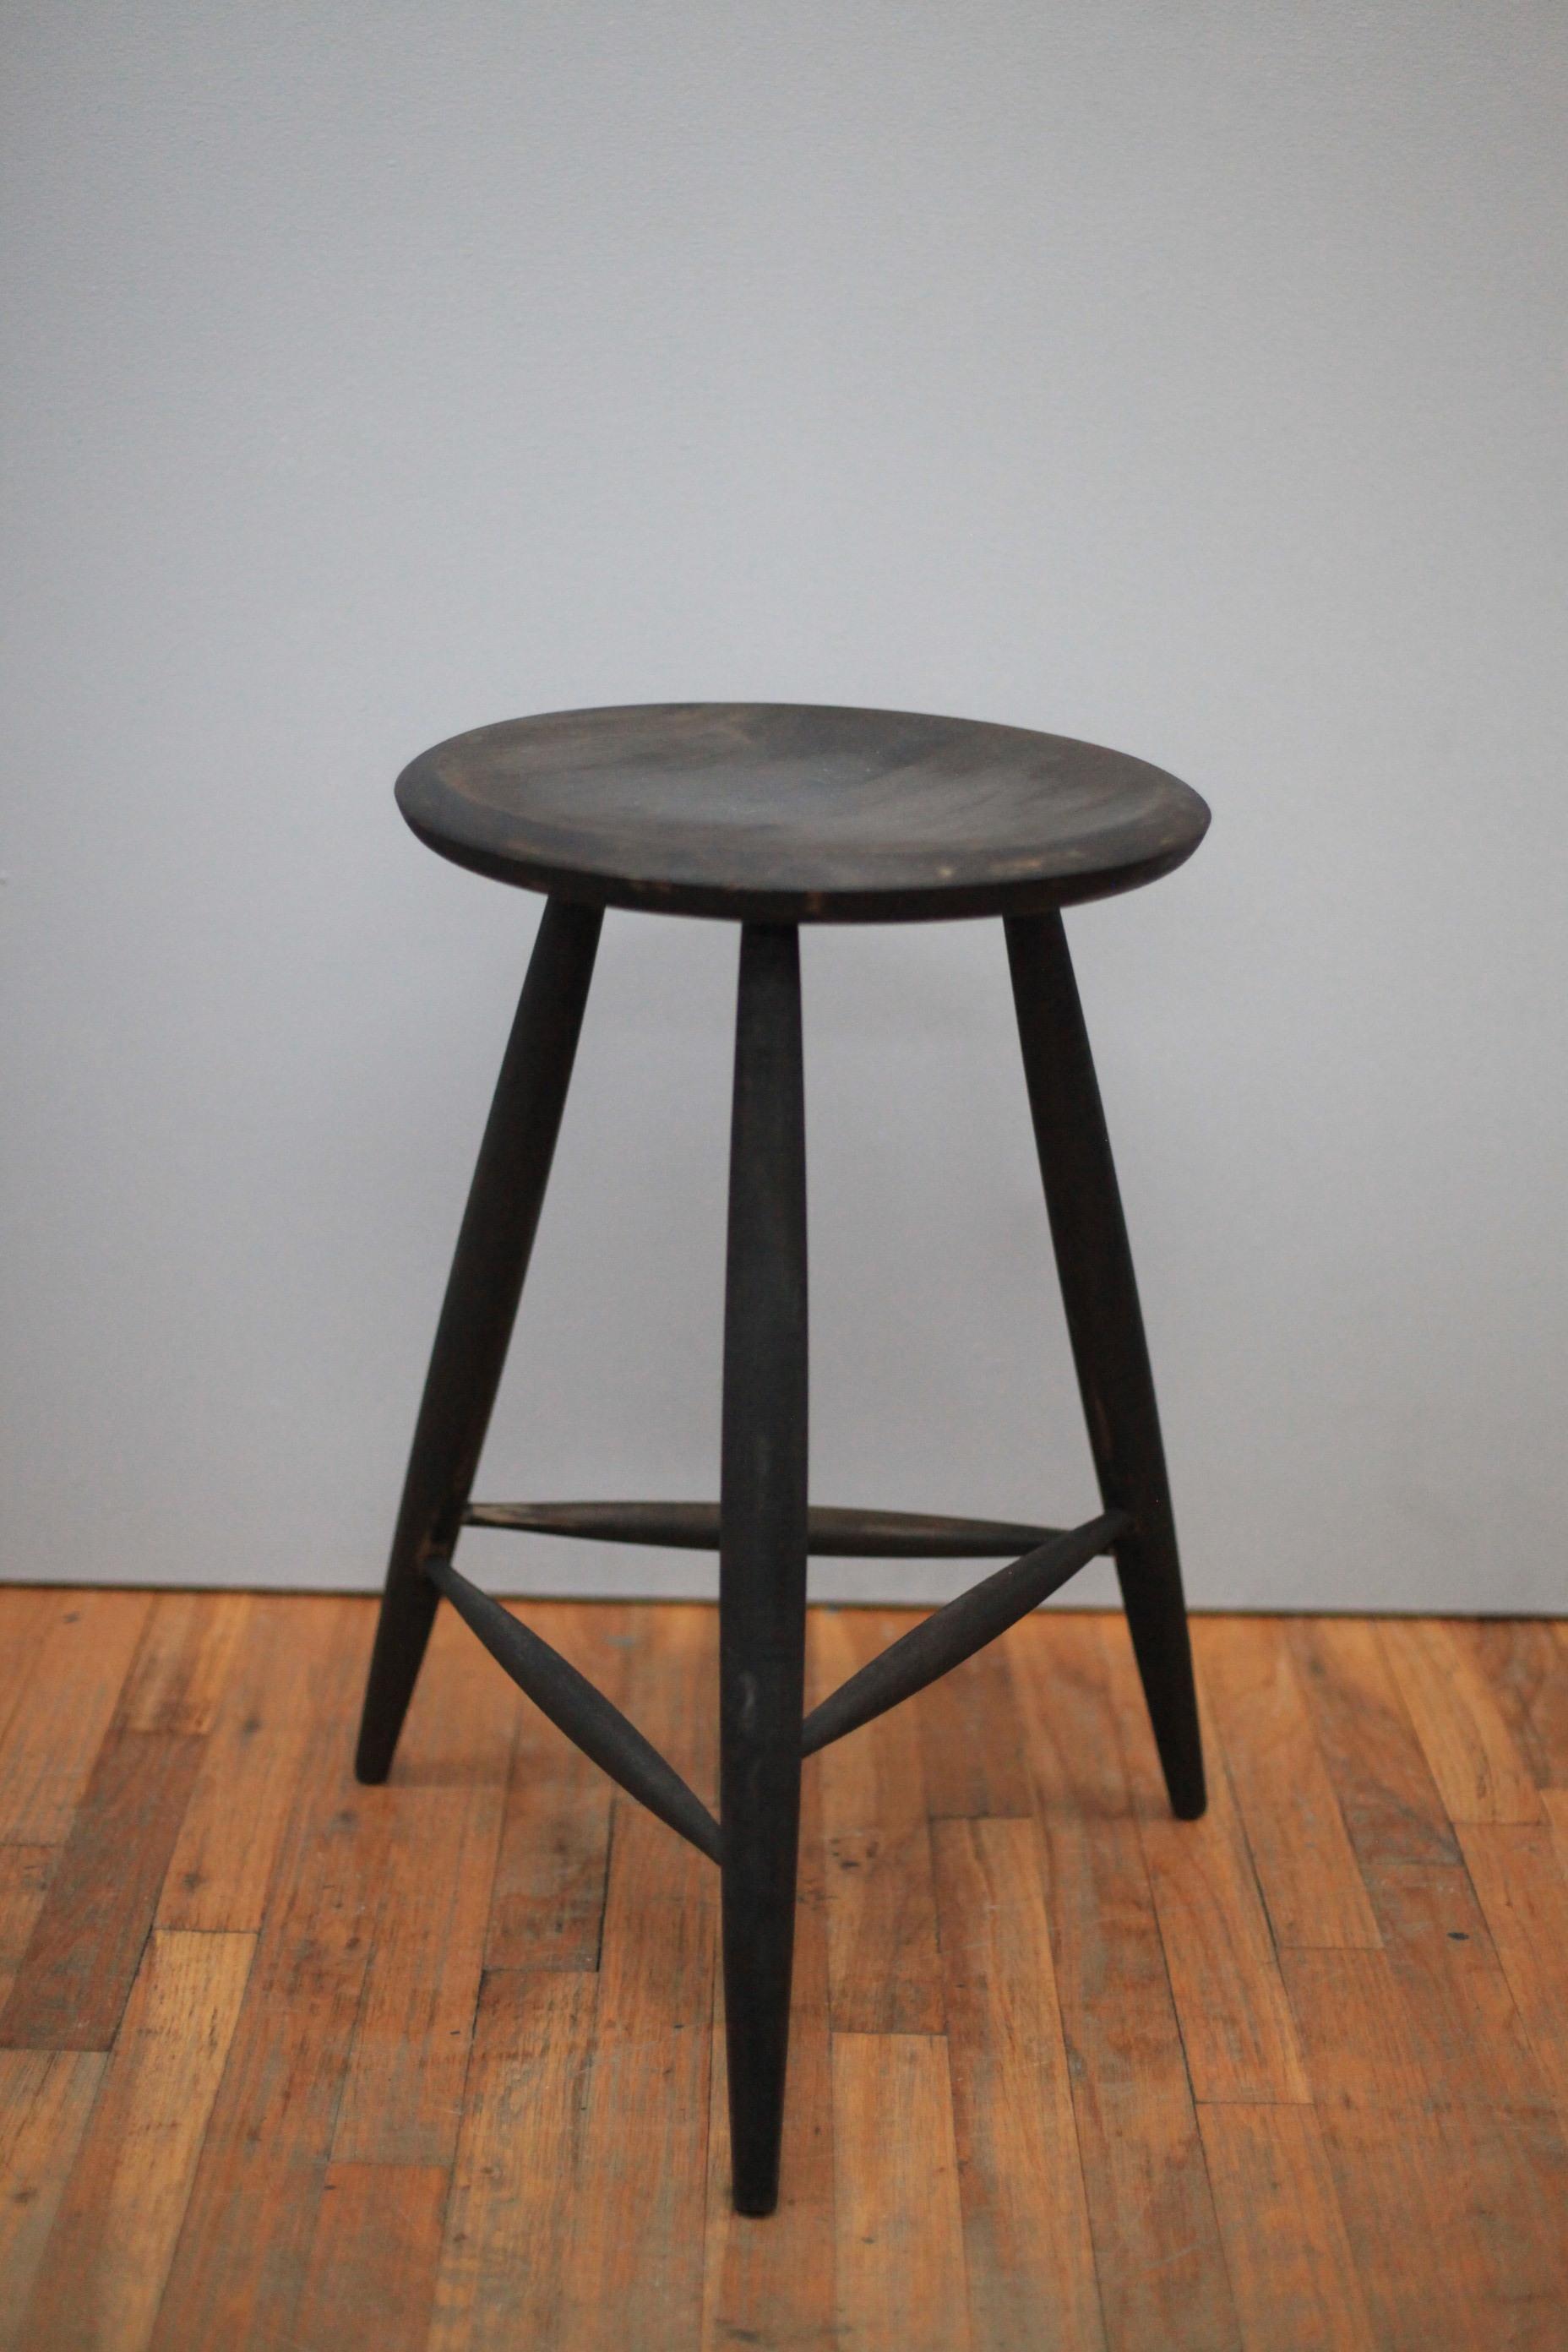 ST048  SHAKER, BLACK STAIN.  $150